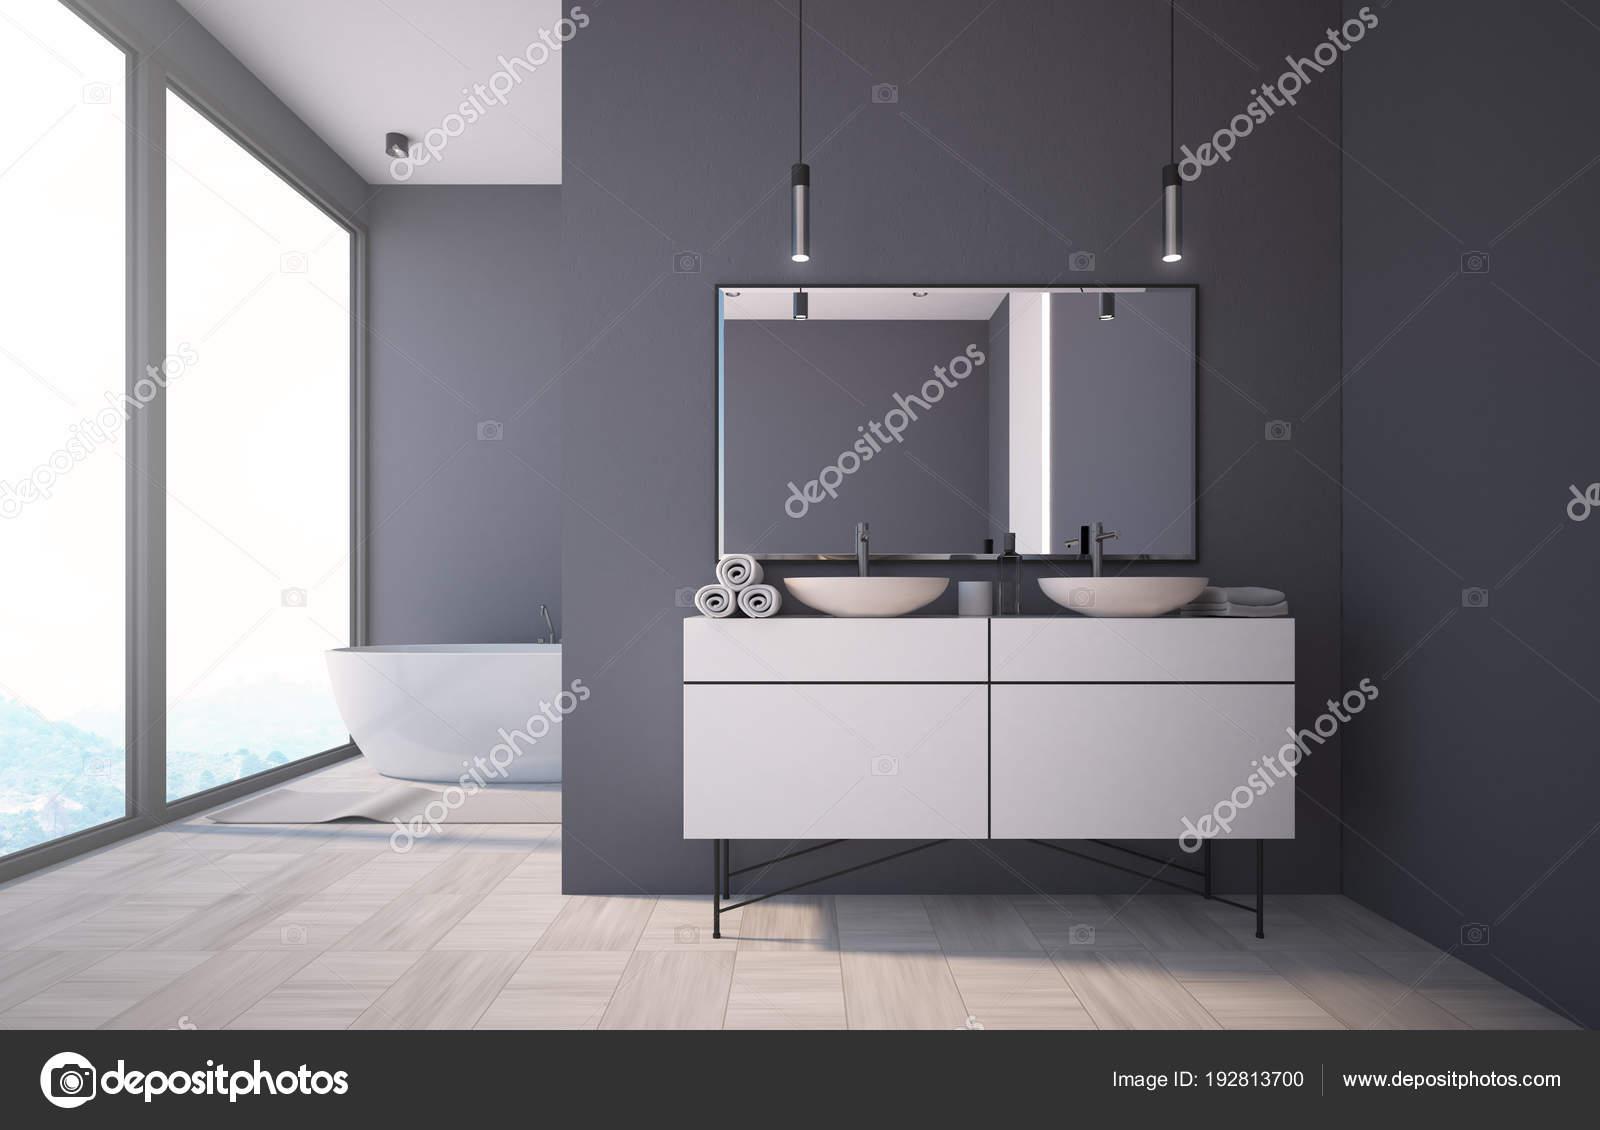 Lavabo interni panoramica bagno grigio scuro u2014 foto stock